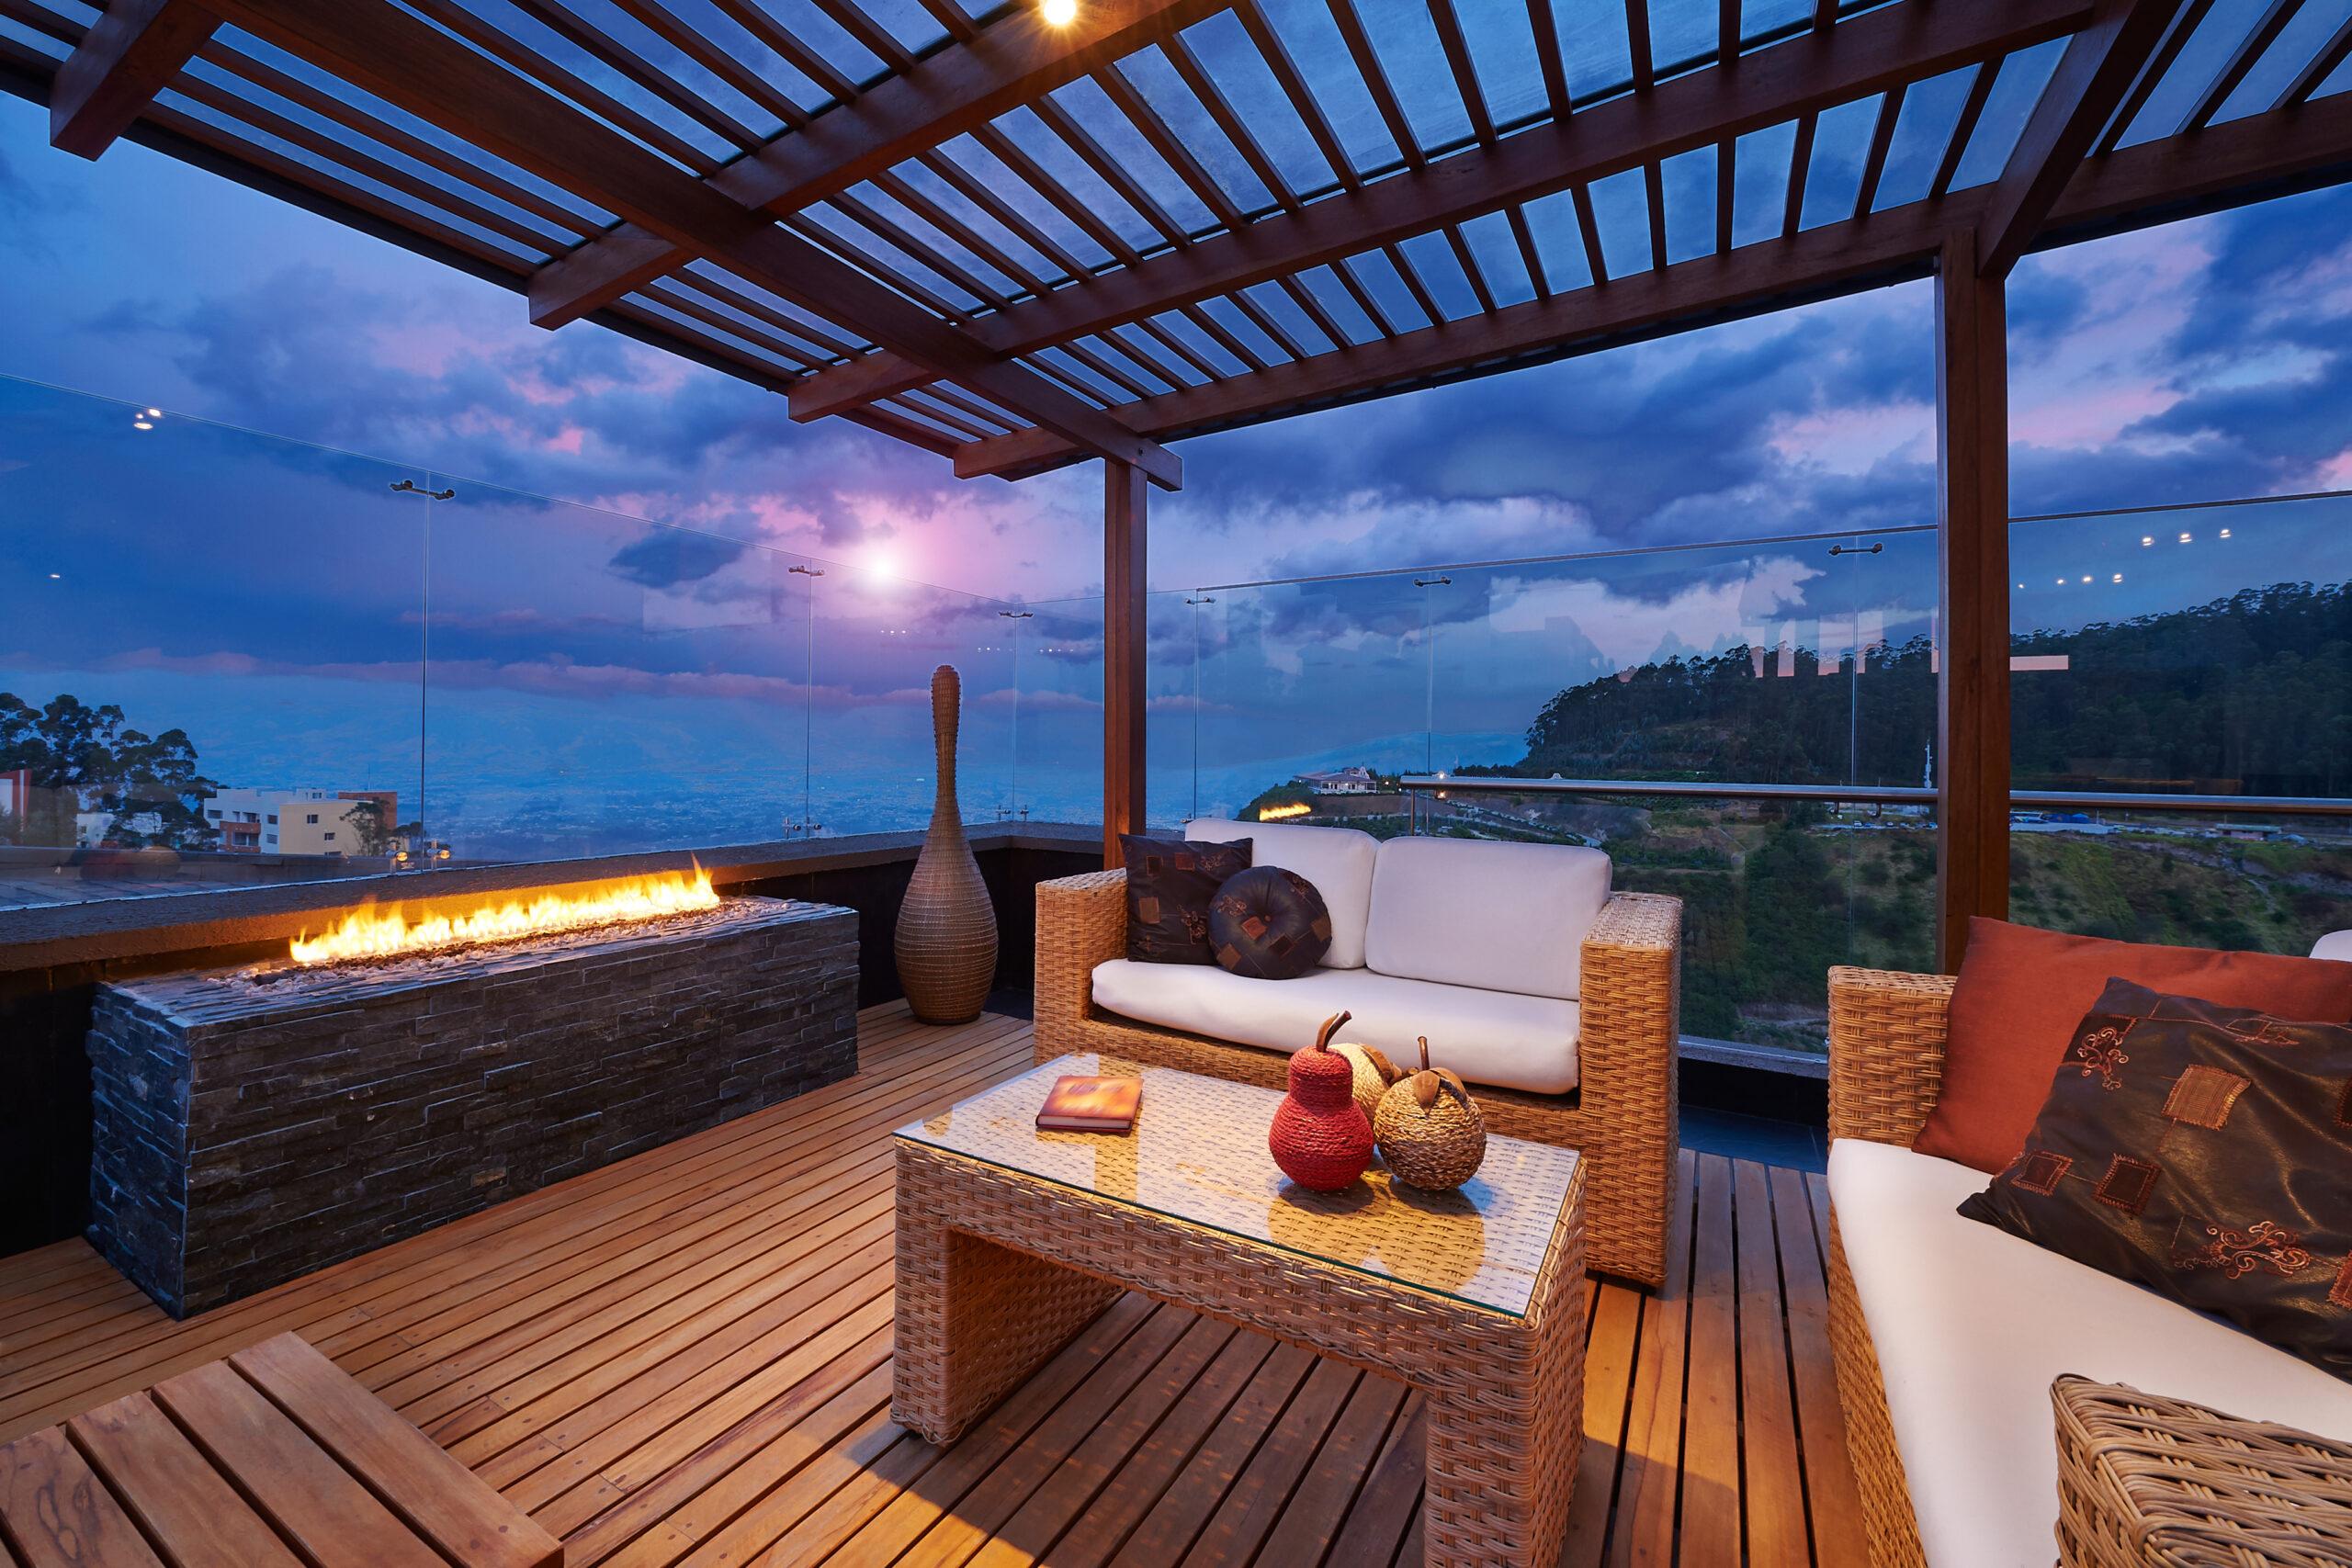 Exquisite Outdoor Furniture